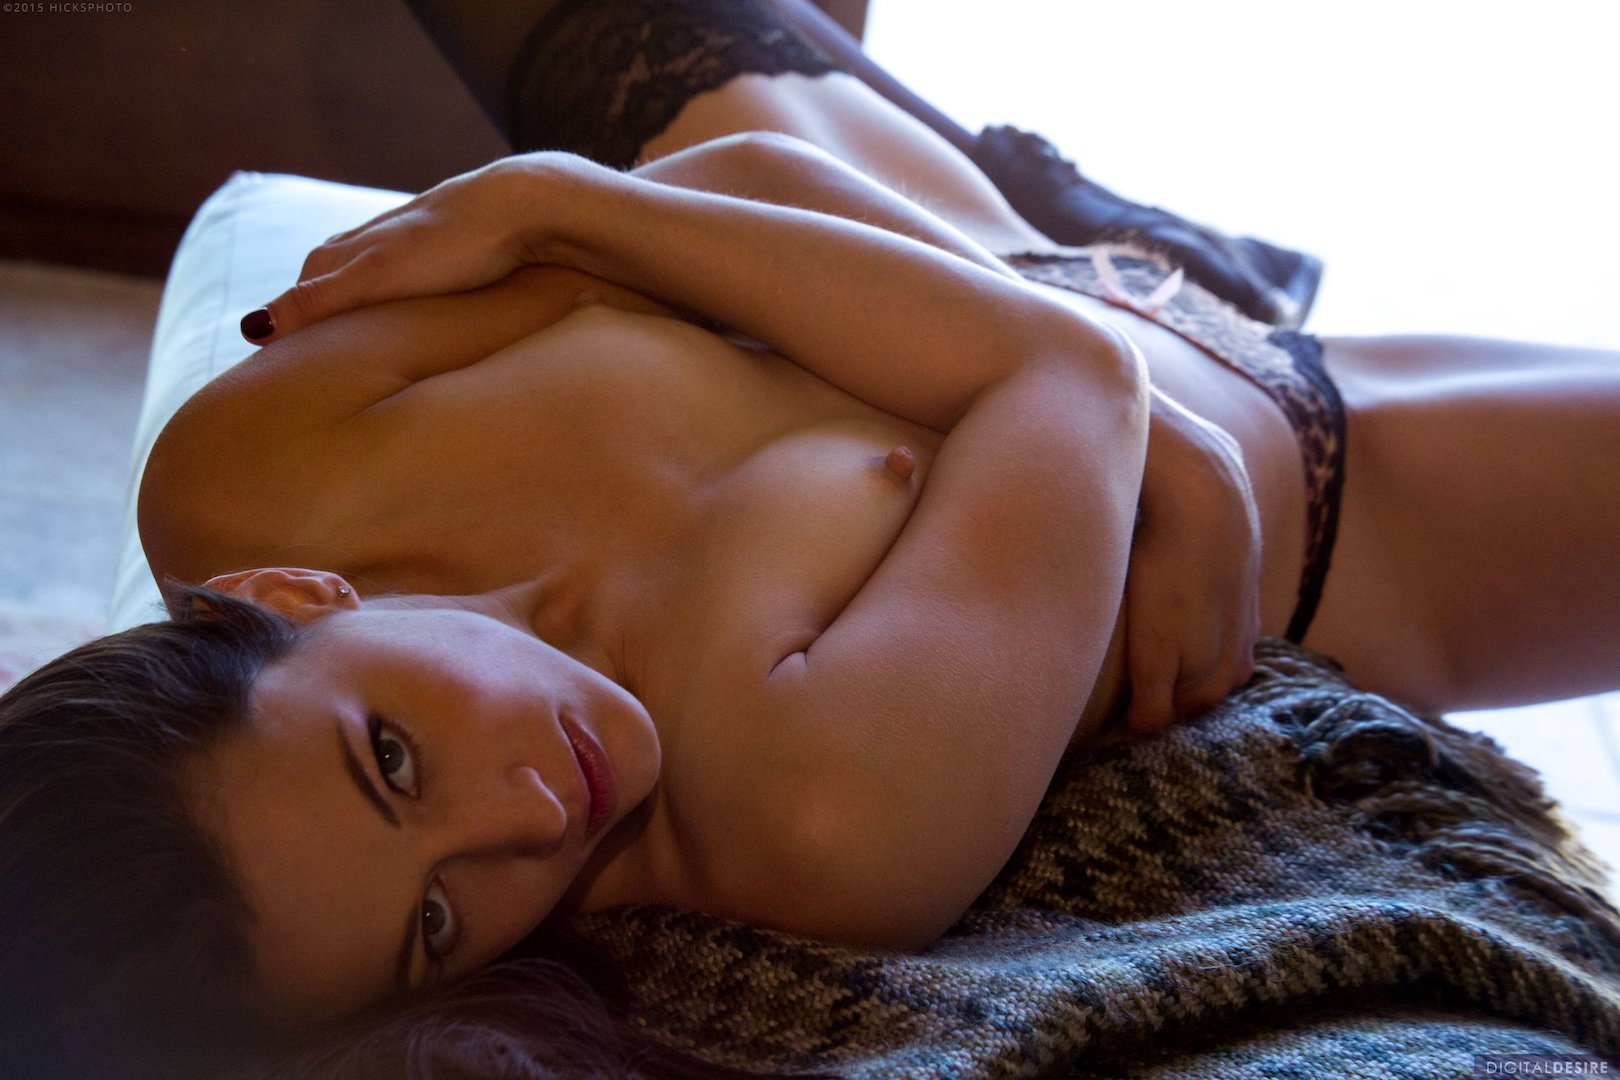 Красотка с маленькой грудью. Фотосет